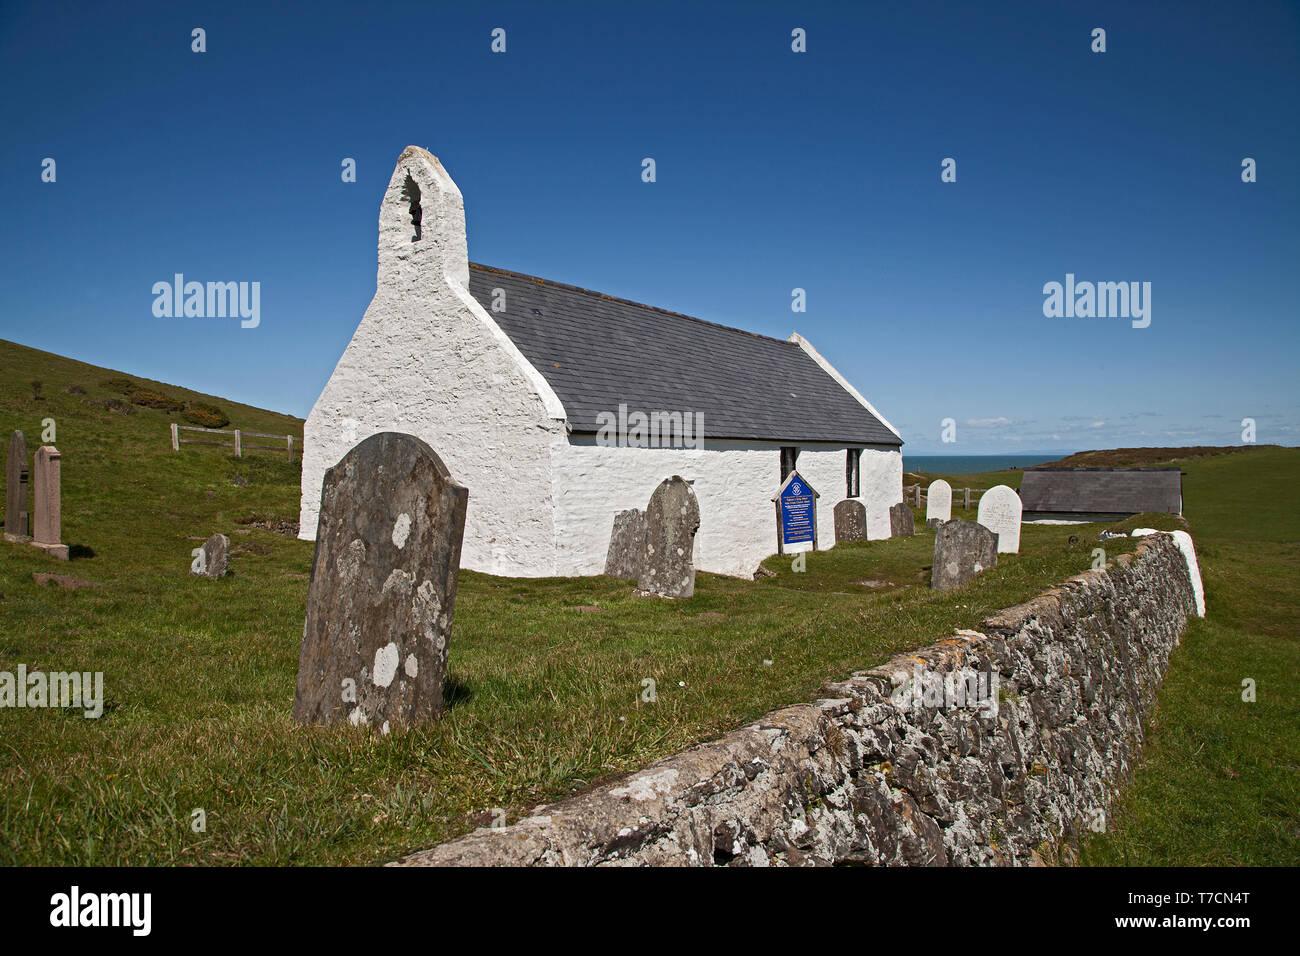 Holy Cross Church, Mwnt, Ceredigion, Wales,UK. - Stock Image